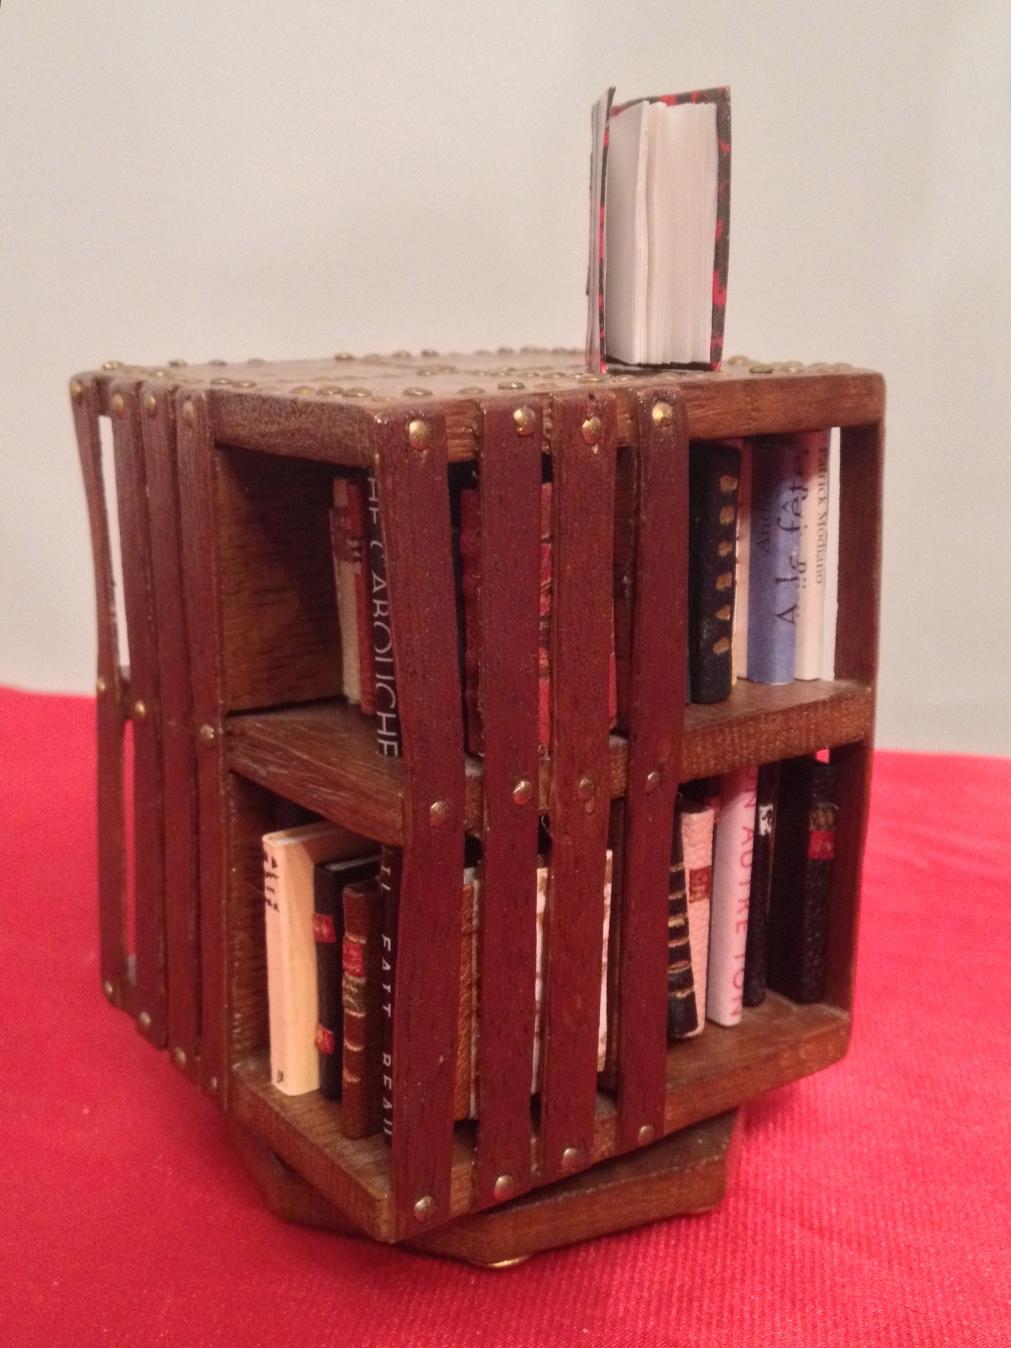 Mini bibliothèque Anglaise tournantr, base carrée de 7 cm de côté, hauteur 11cm, contenance : 61 mini_livres